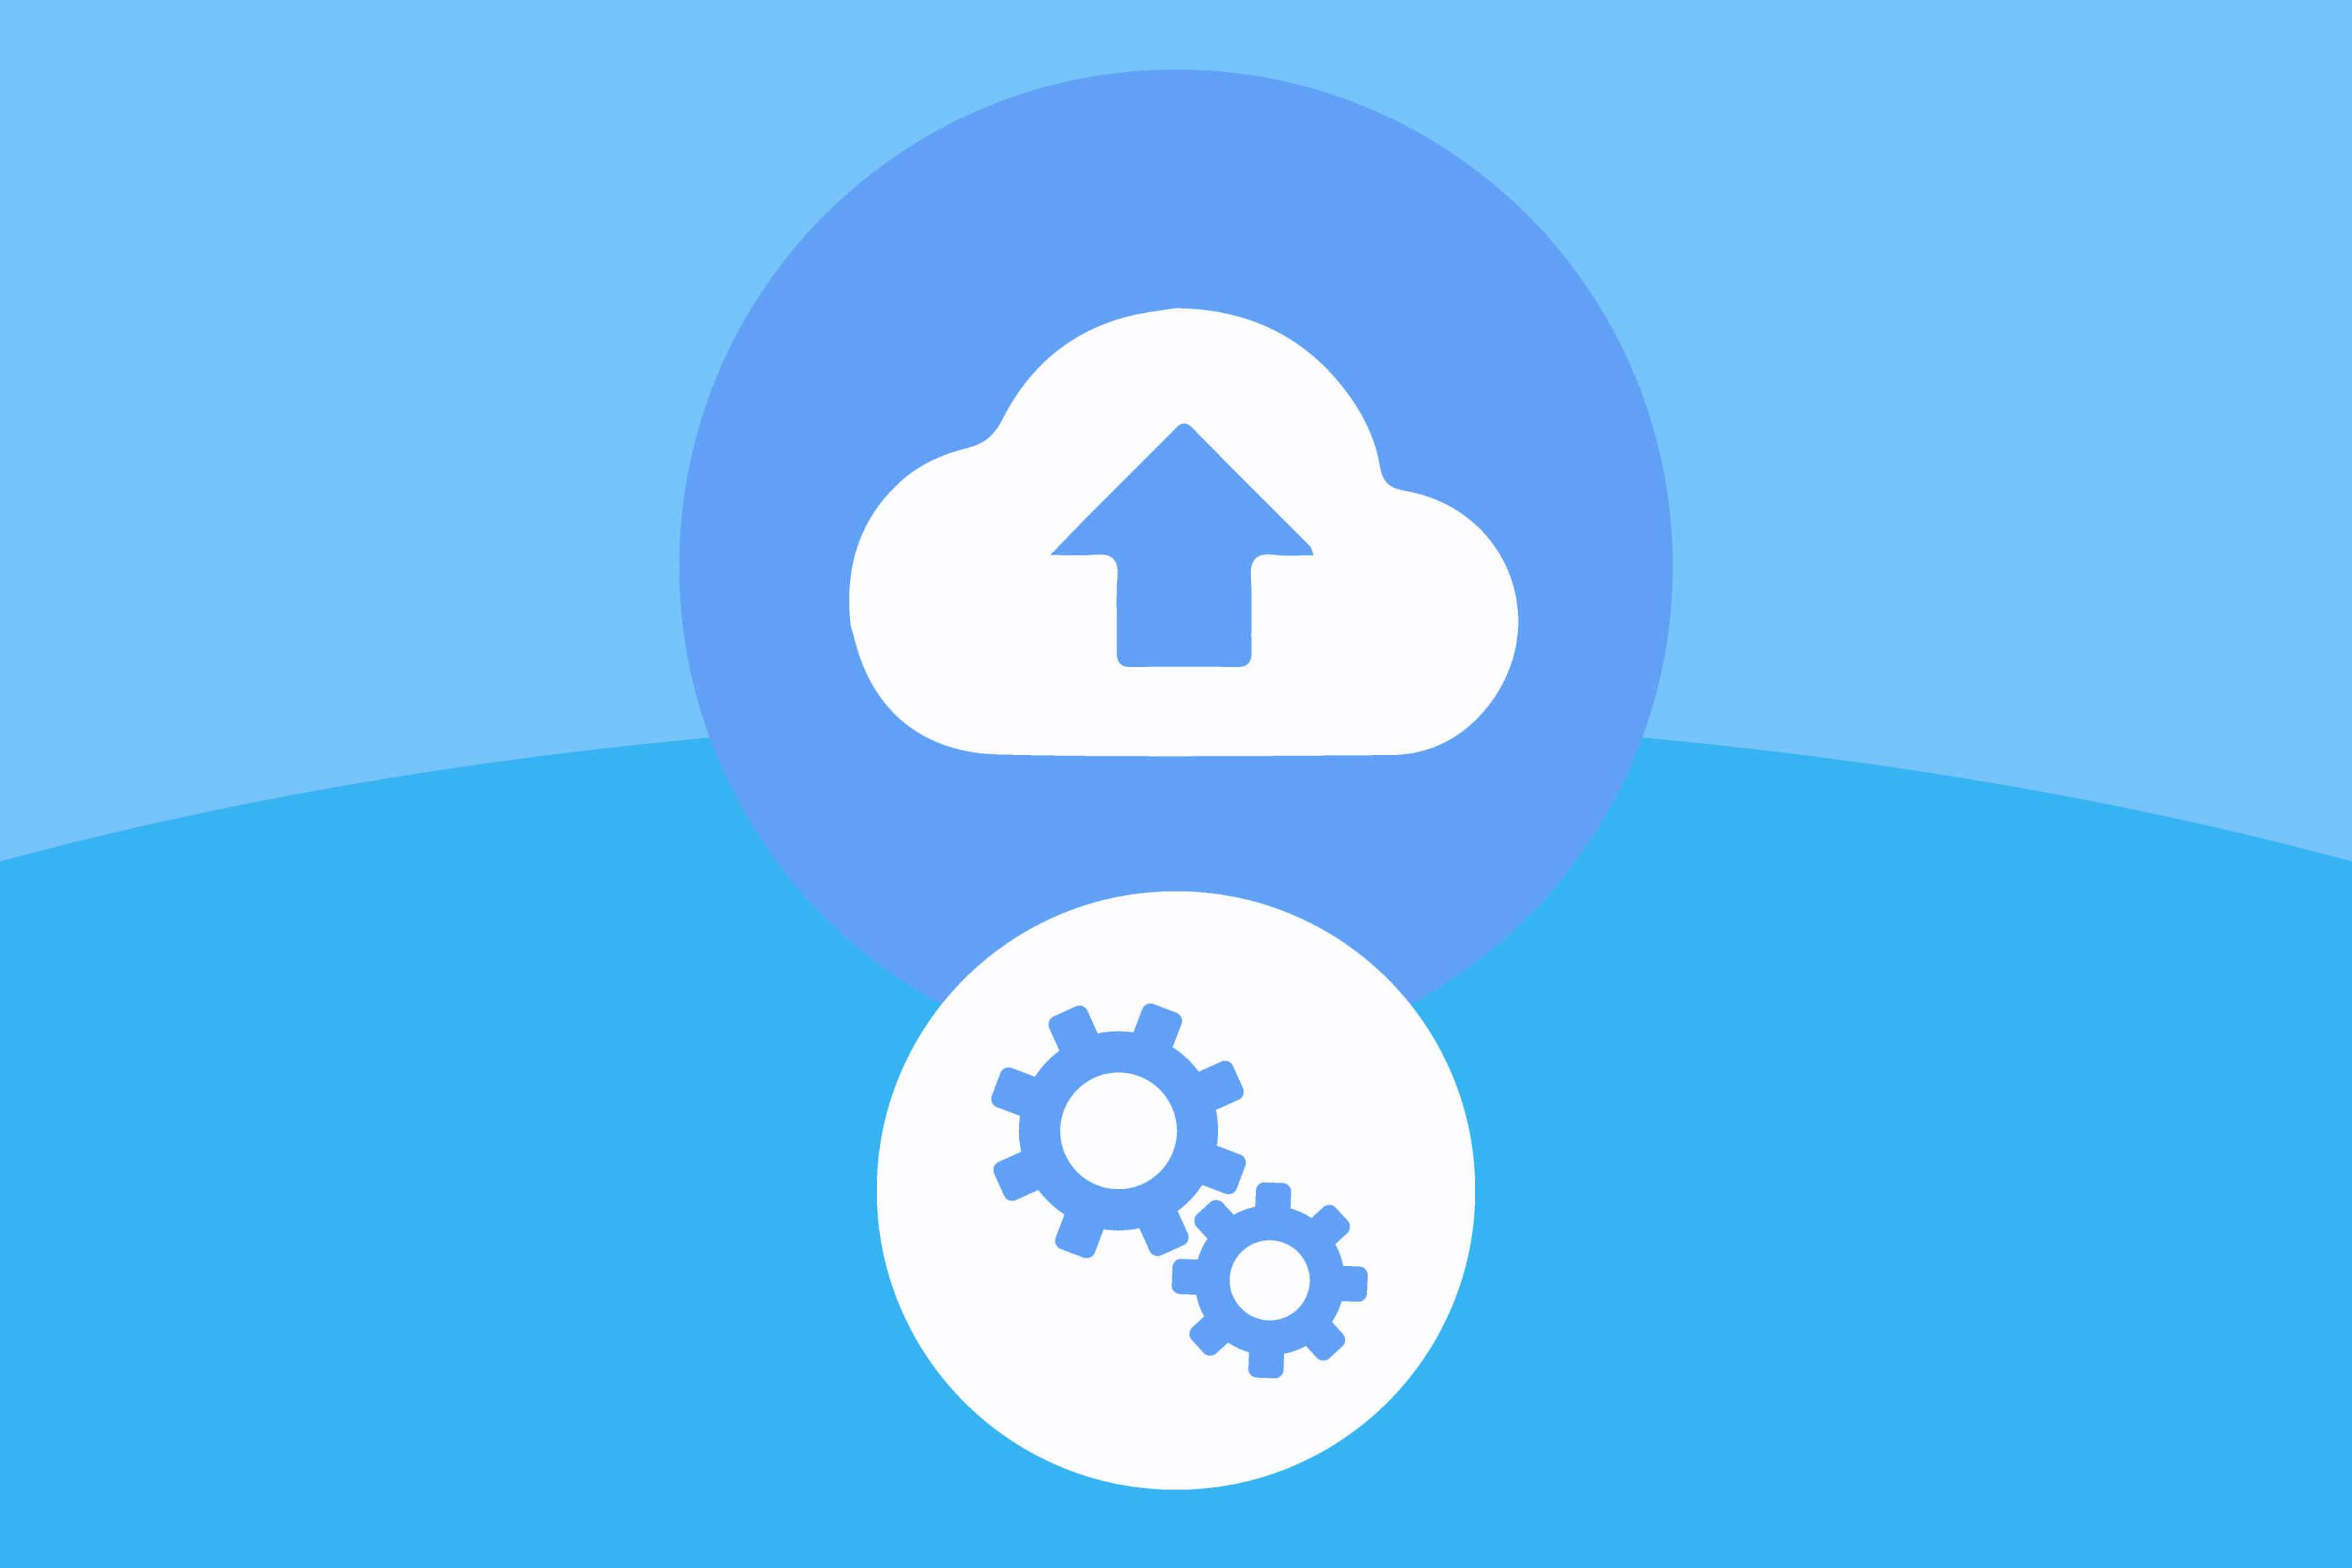 backup & Sync, logo